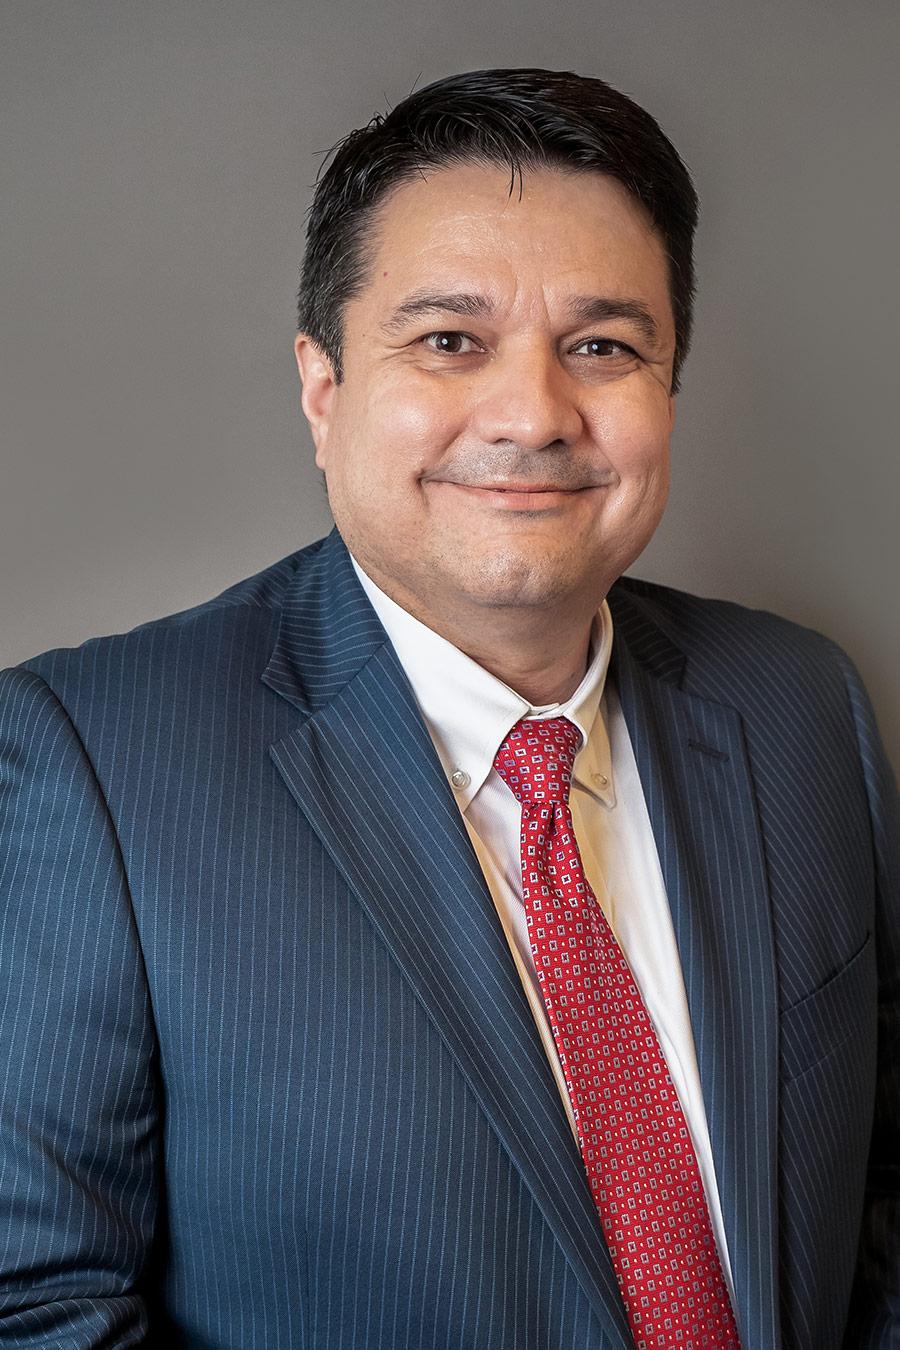 Edward J. Castillo